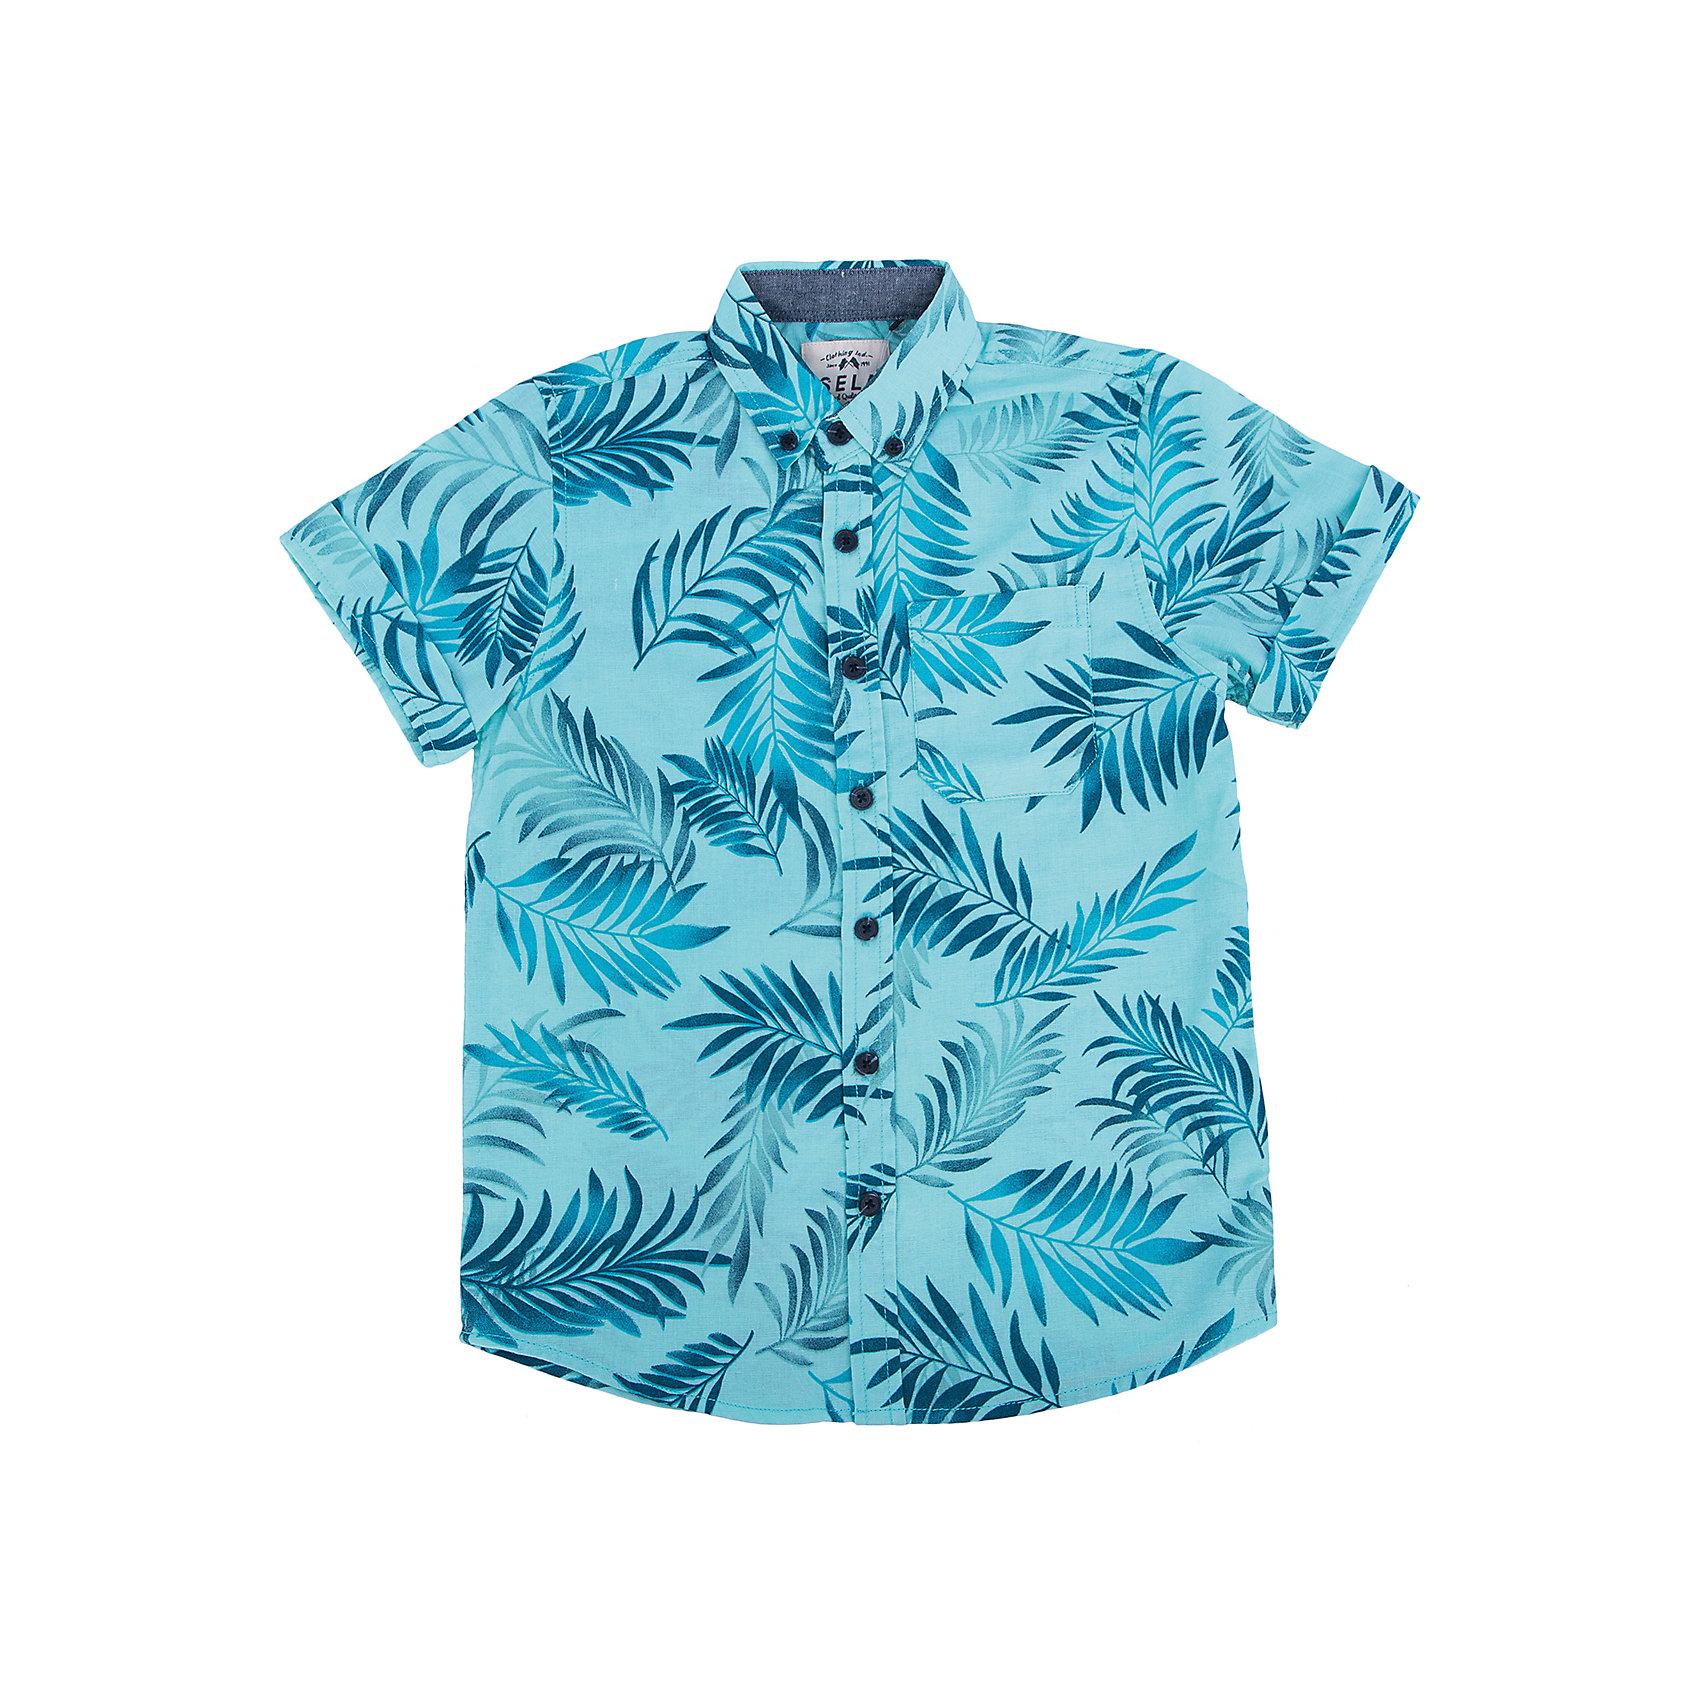 Рубашка для мальчика SELAБлузки и рубашки<br>Модная рубашка от известной марки SELА поможет разнообразить летний гардероб мальчика, создать легкий подходящий погоде ансамбль. Удобный крой и качественный материал обеспечат ребенку комфорт при ношении этой вещи. <br>Смотрится очень модно и нарядно. Материал содержит  натуральный хлопок, дышащий и гипоаллергенный. <br><br>Дополнительная информация:<br><br>материал: 55% лён, 45% хлопок;<br>цвет: ментоловый;<br>короткие рукава;<br>прямой силуэт;<br>уход за изделием: стирка в машине при температуре до 30°С, не отбеливать, гладить при низкой температуре.<br><br>Рубашку  от бренда SELА (Села) можно купить в нашем магазине.<br><br>Ширина мм: 174<br>Глубина мм: 10<br>Высота мм: 169<br>Вес г: 157<br>Цвет: зеленый<br>Возраст от месяцев: 132<br>Возраст до месяцев: 144<br>Пол: Мужской<br>Возраст: Детский<br>Размер: 152,116,122,128,134,140,146<br>SKU: 4741703